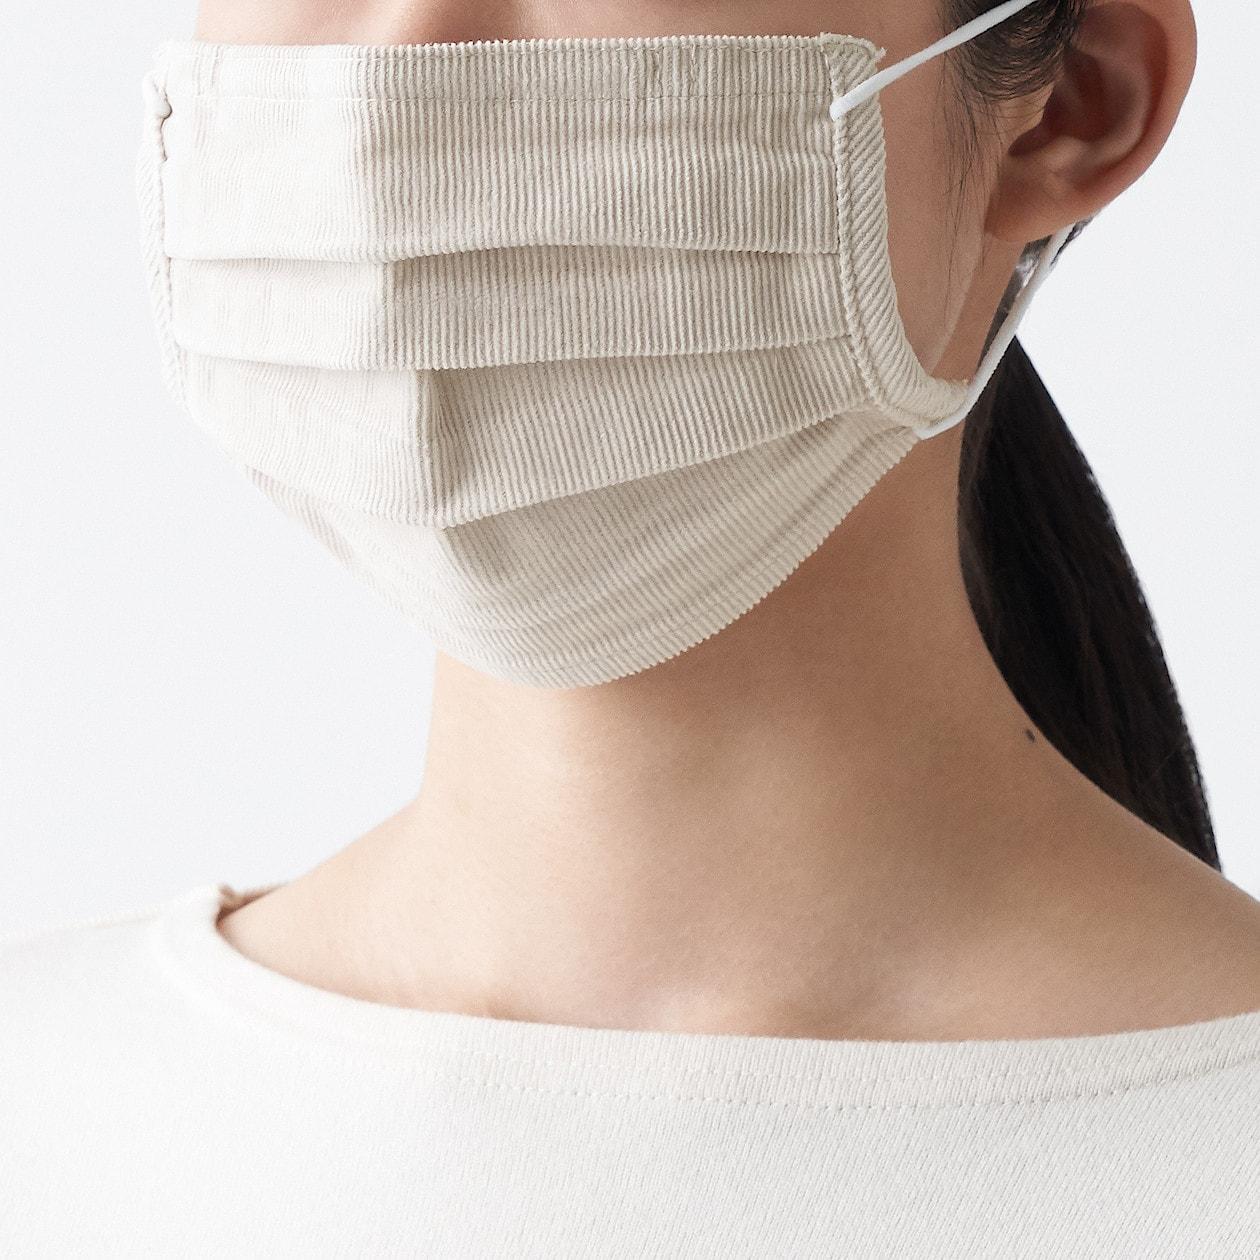 マスク 販売 無印